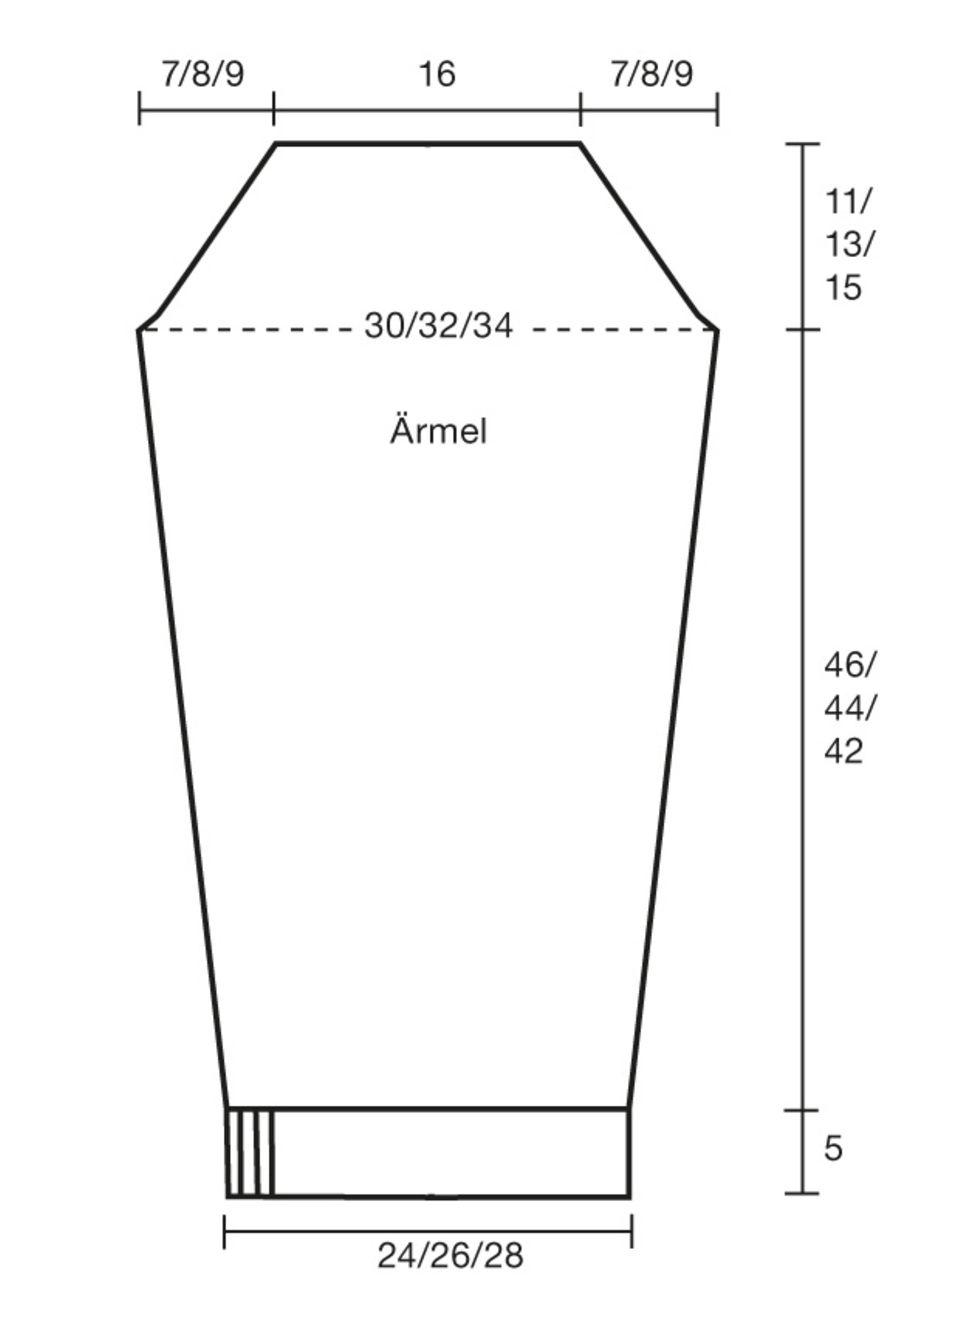 Strickjacke mit Muster - Anleitung und Schnitt